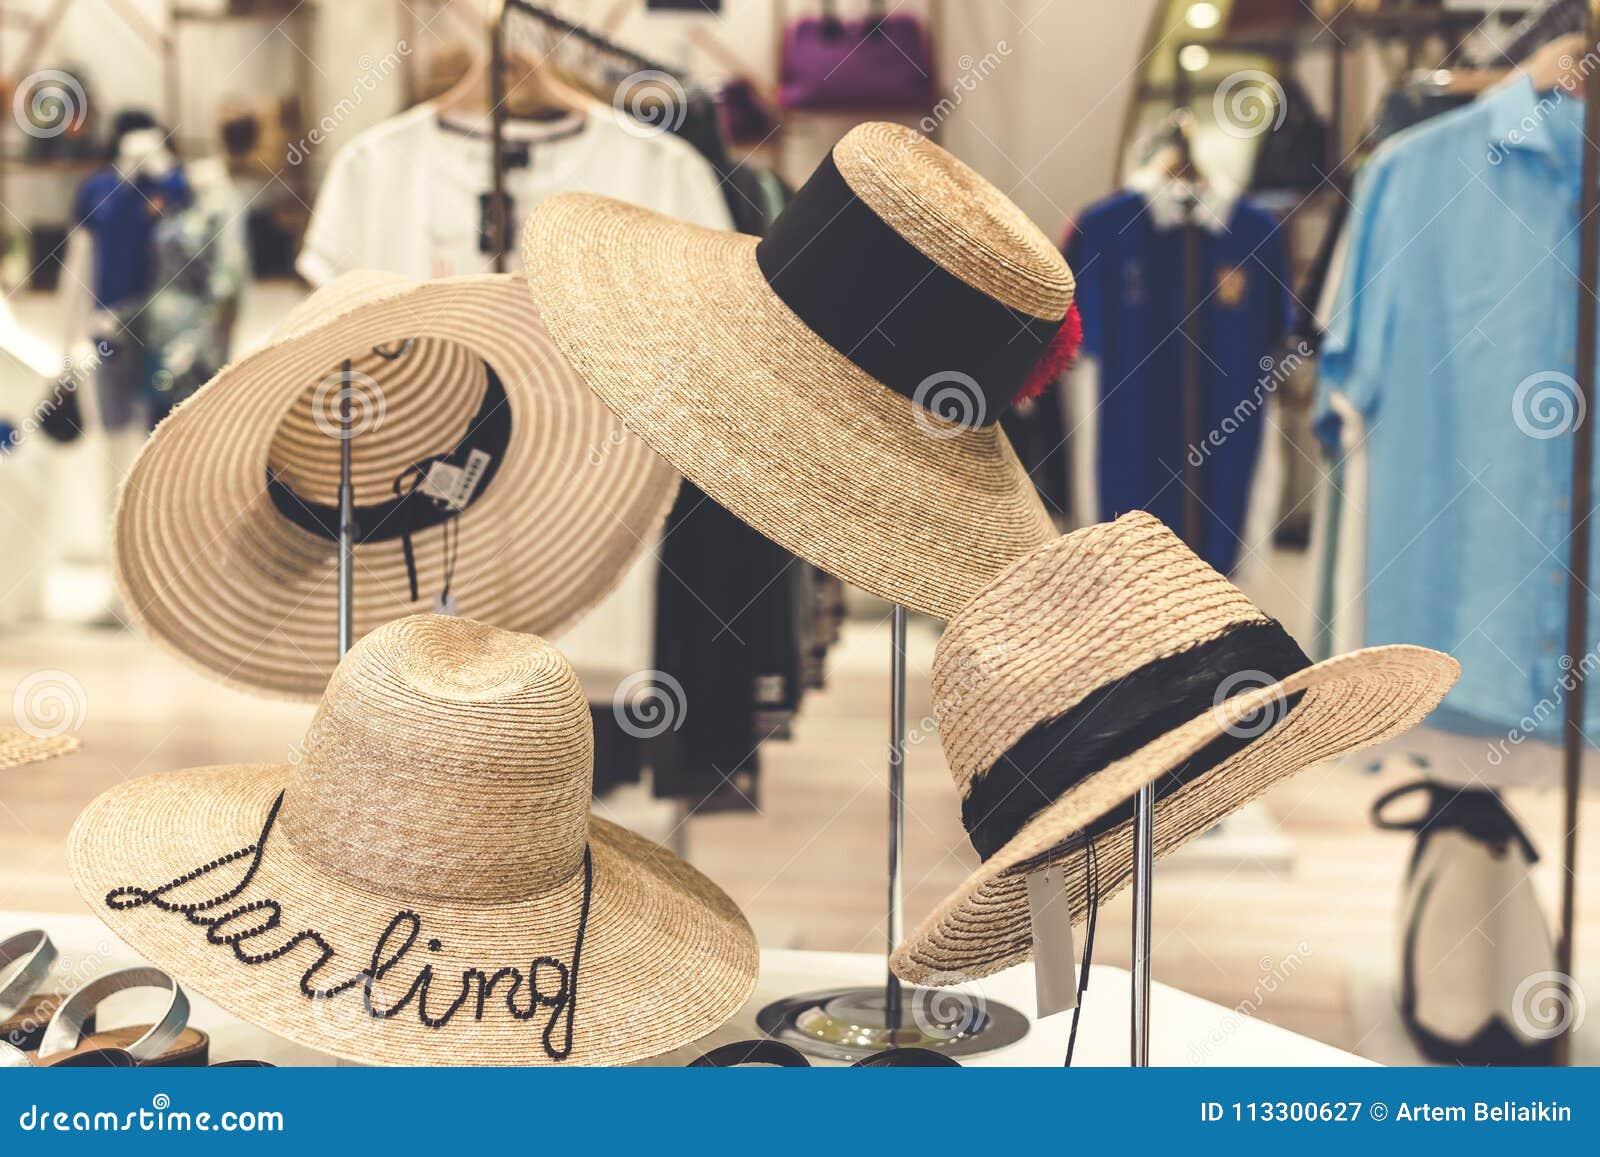 Avançon de chapeaux de paille dans le magasin bali Concept d achat et de voyage